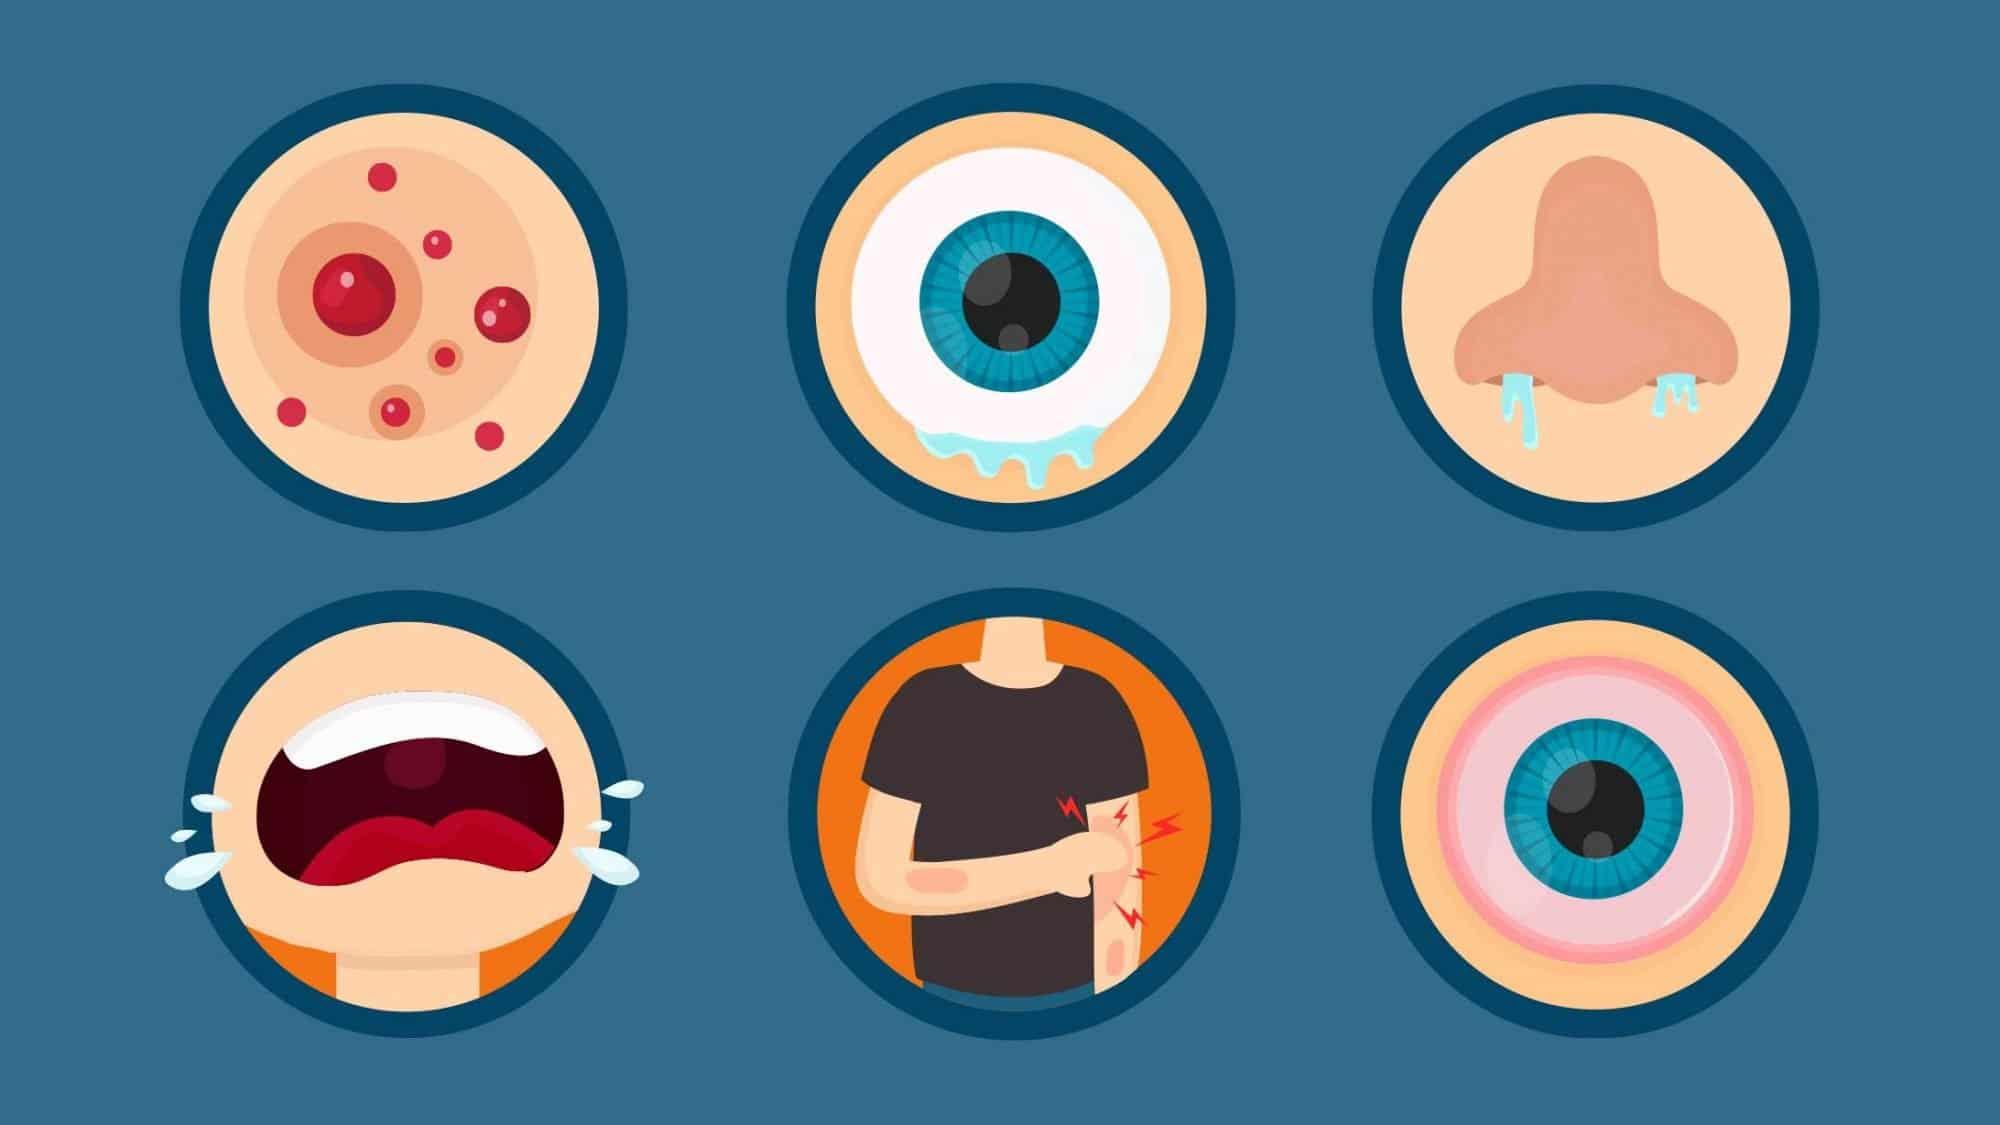 Symptome einer Allergie können Ausschläge, tränende Augen, laufende Nasen, Niessen, rote Augen oder beissende Haut sein